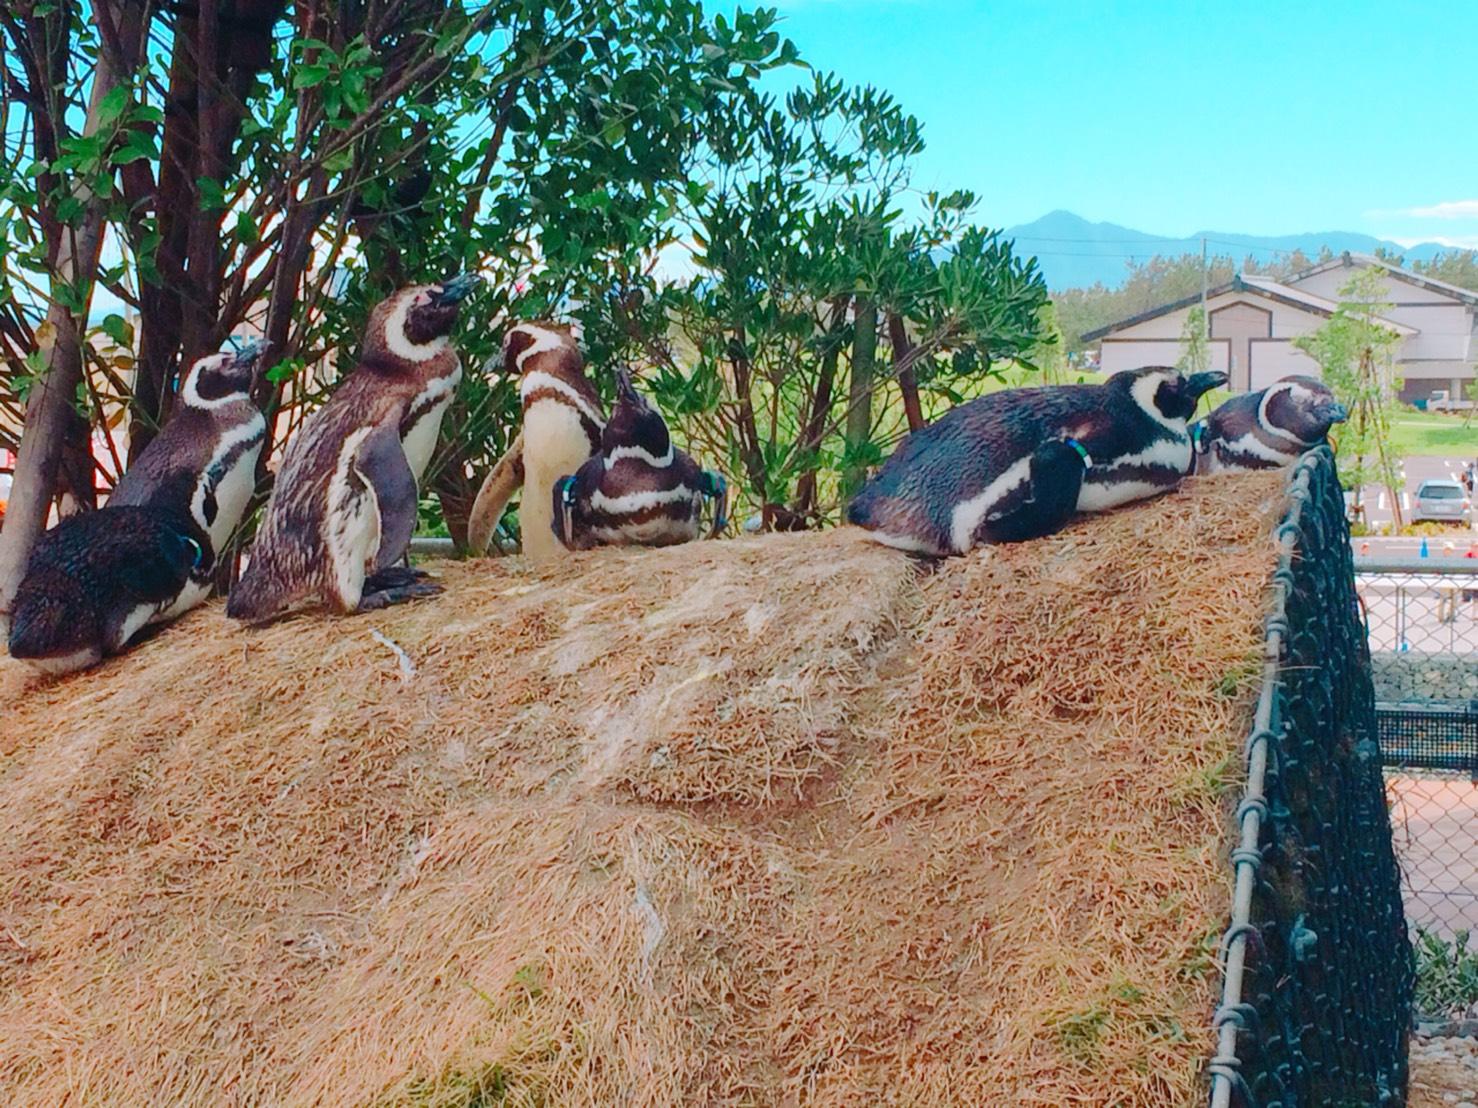 マゼランペンギンのくつろぐ姿